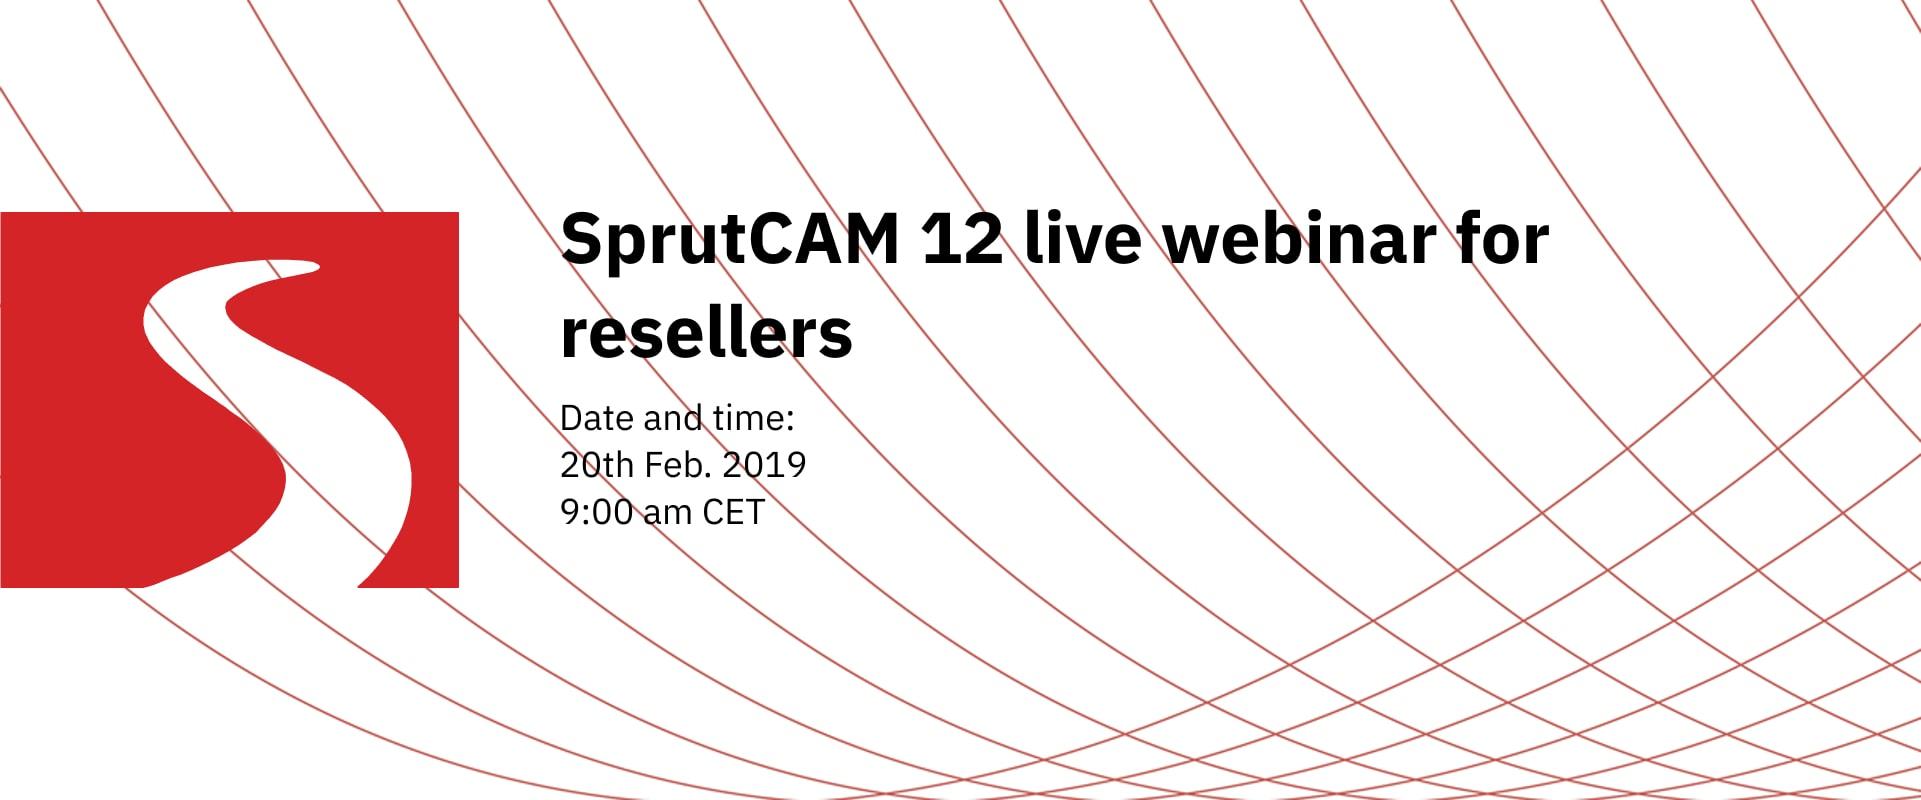 SprutCAM 12 live webinar for resellers